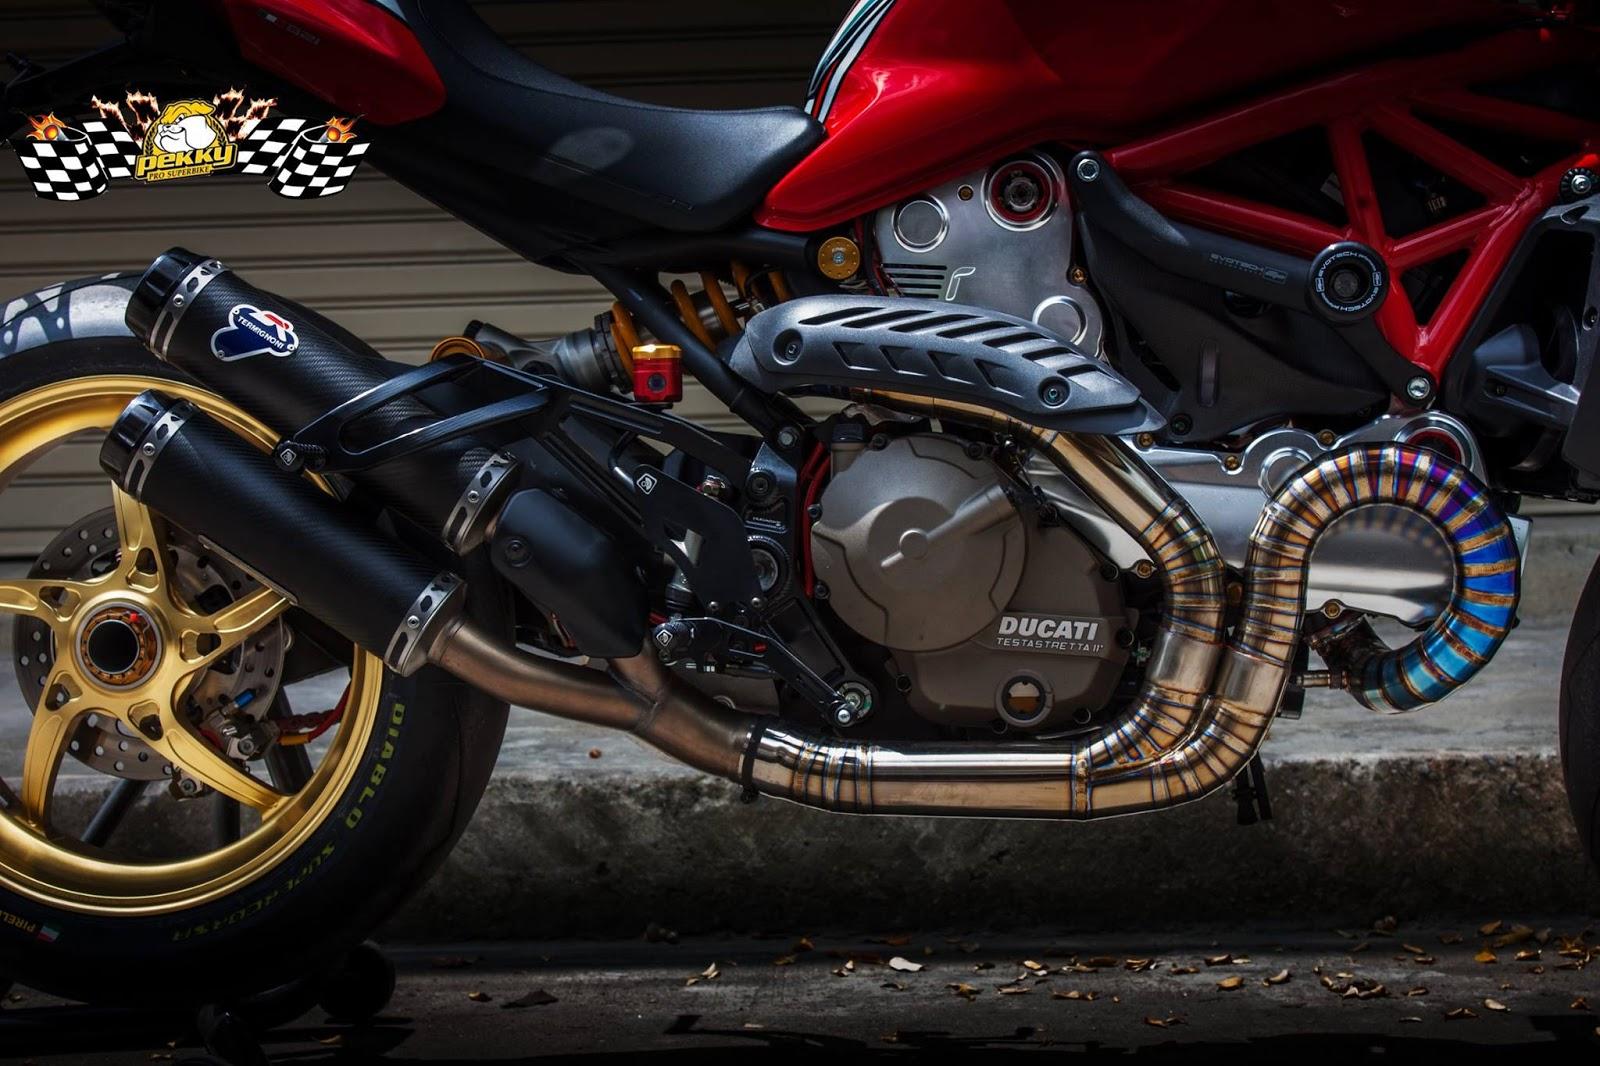 Ducati Monster 821 >> Il Ducatista - Desmo Magazine: Ducati Monster 821 Special